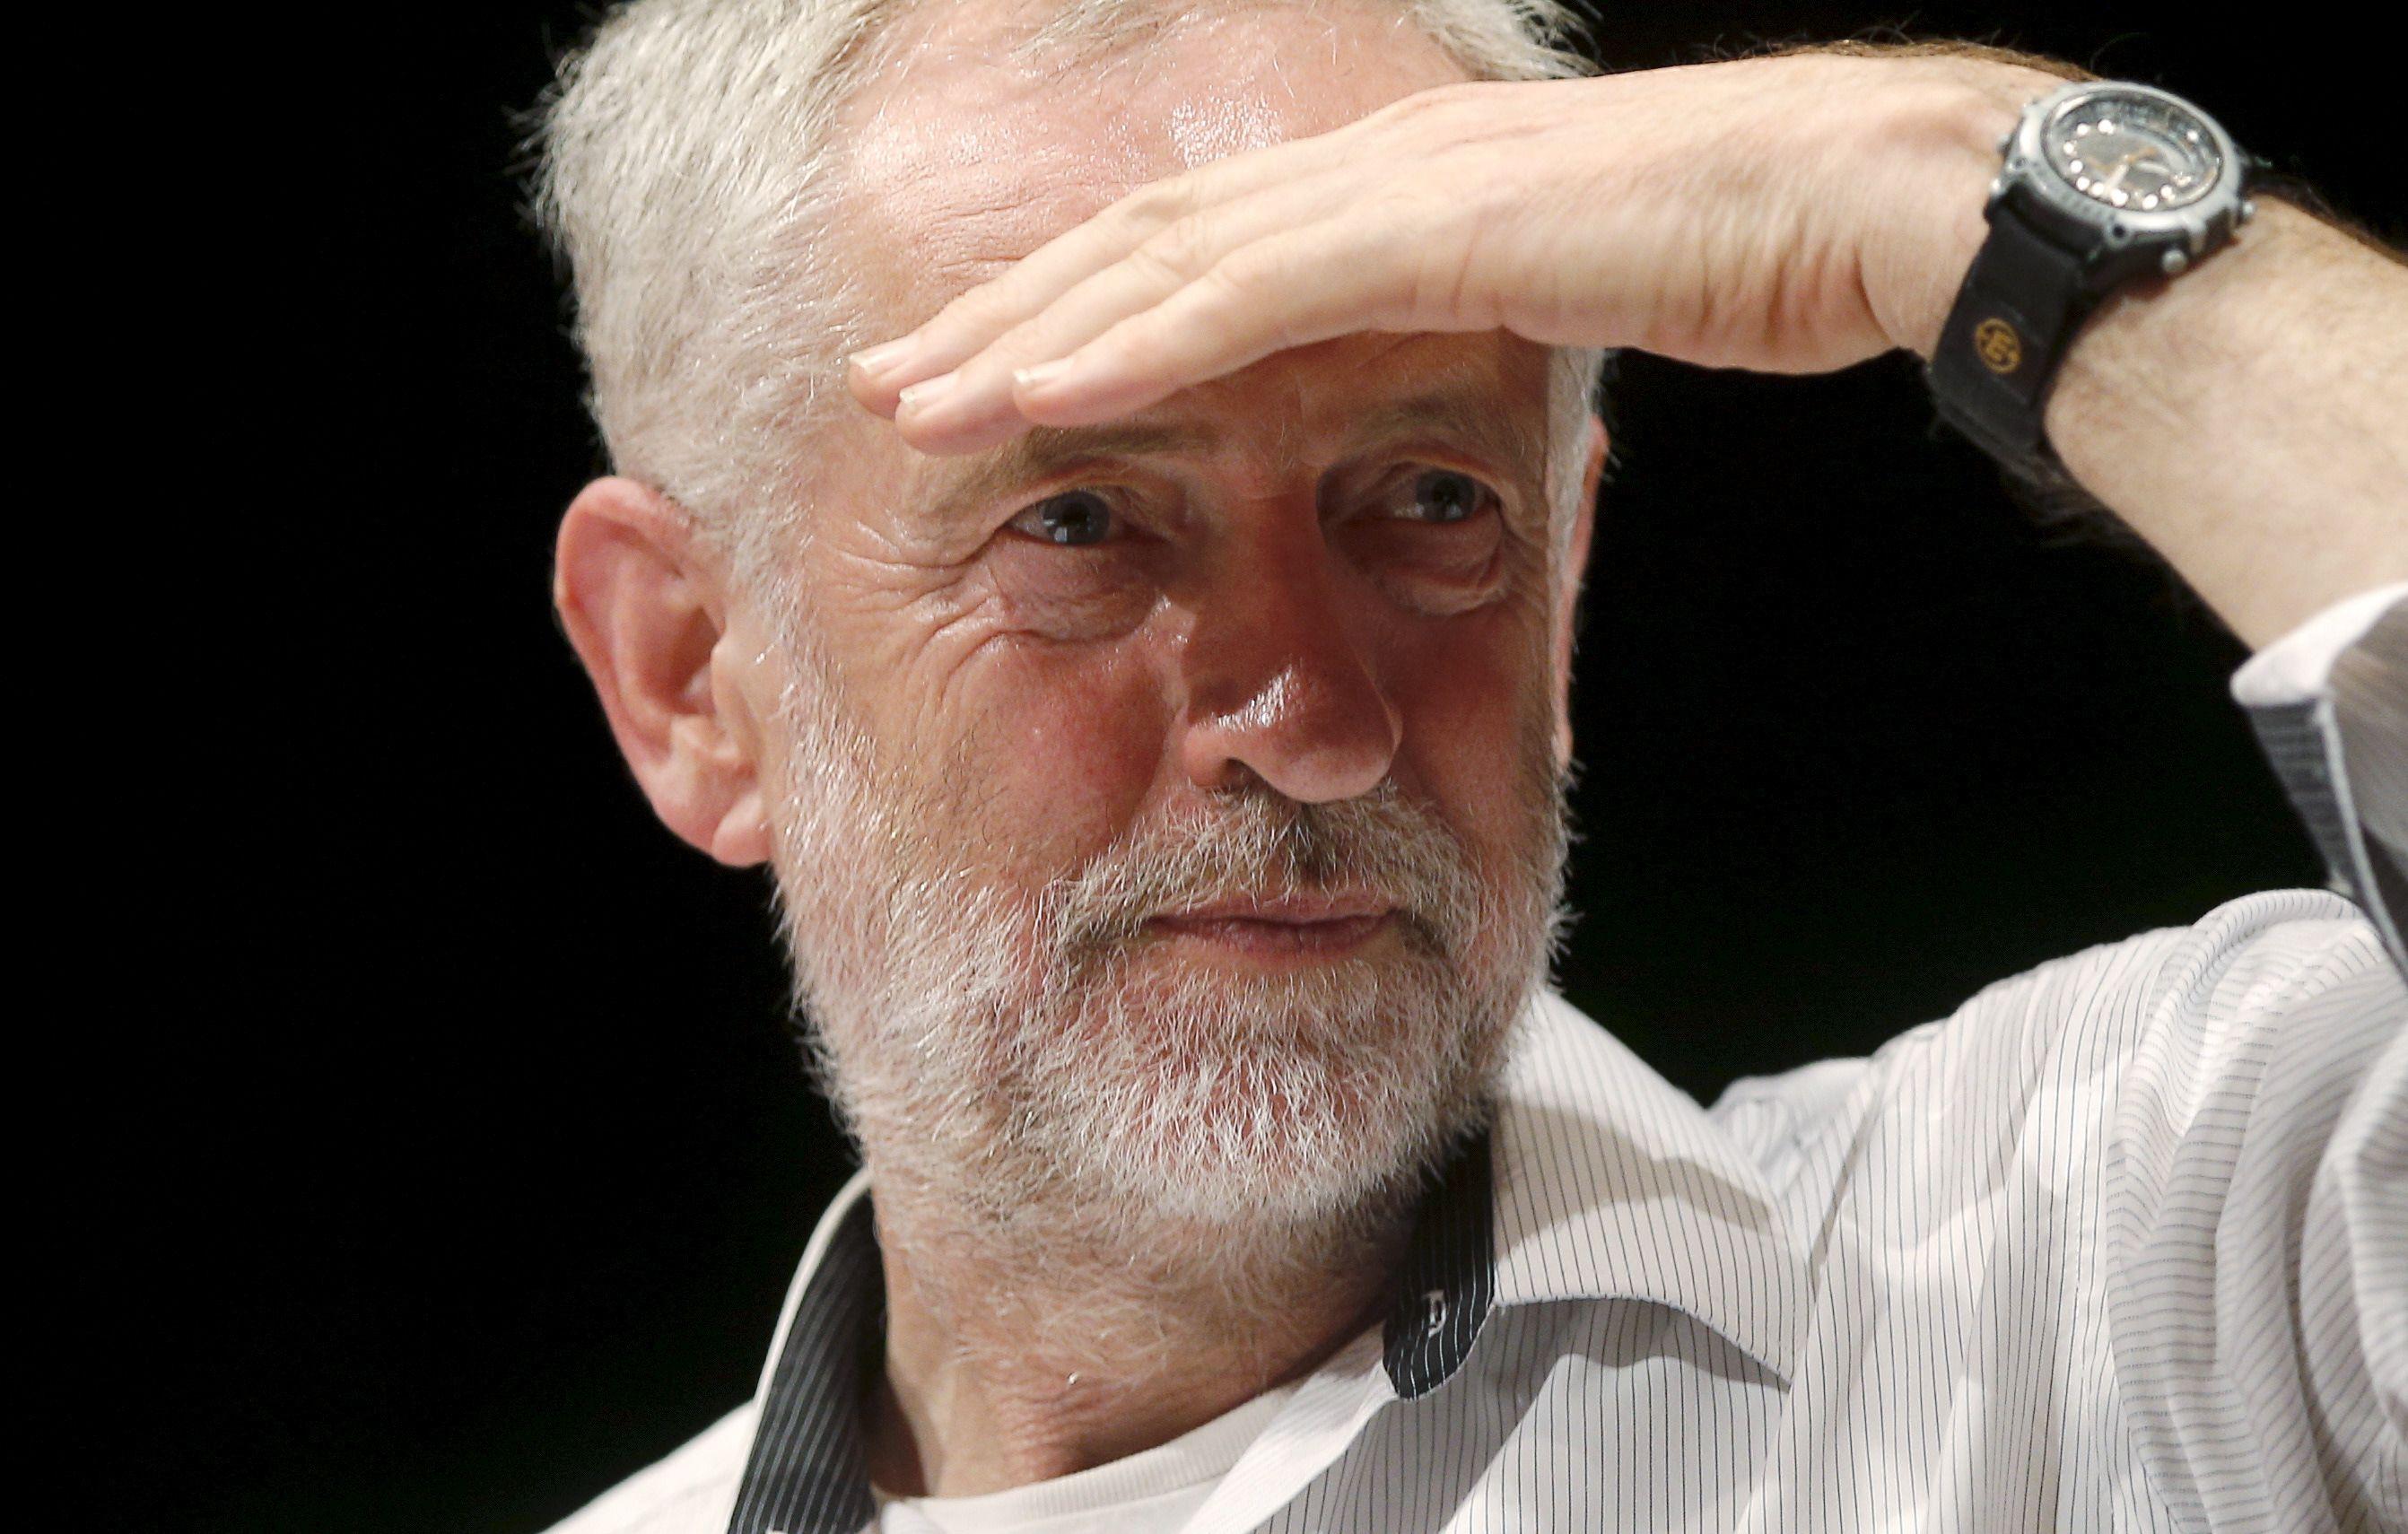 Nouveau programme économique des travaillistes britanniques : les corbynomics signent-elles l'apparition d'une nouvelle pensée unique au sein des gauches radicales européennes ?